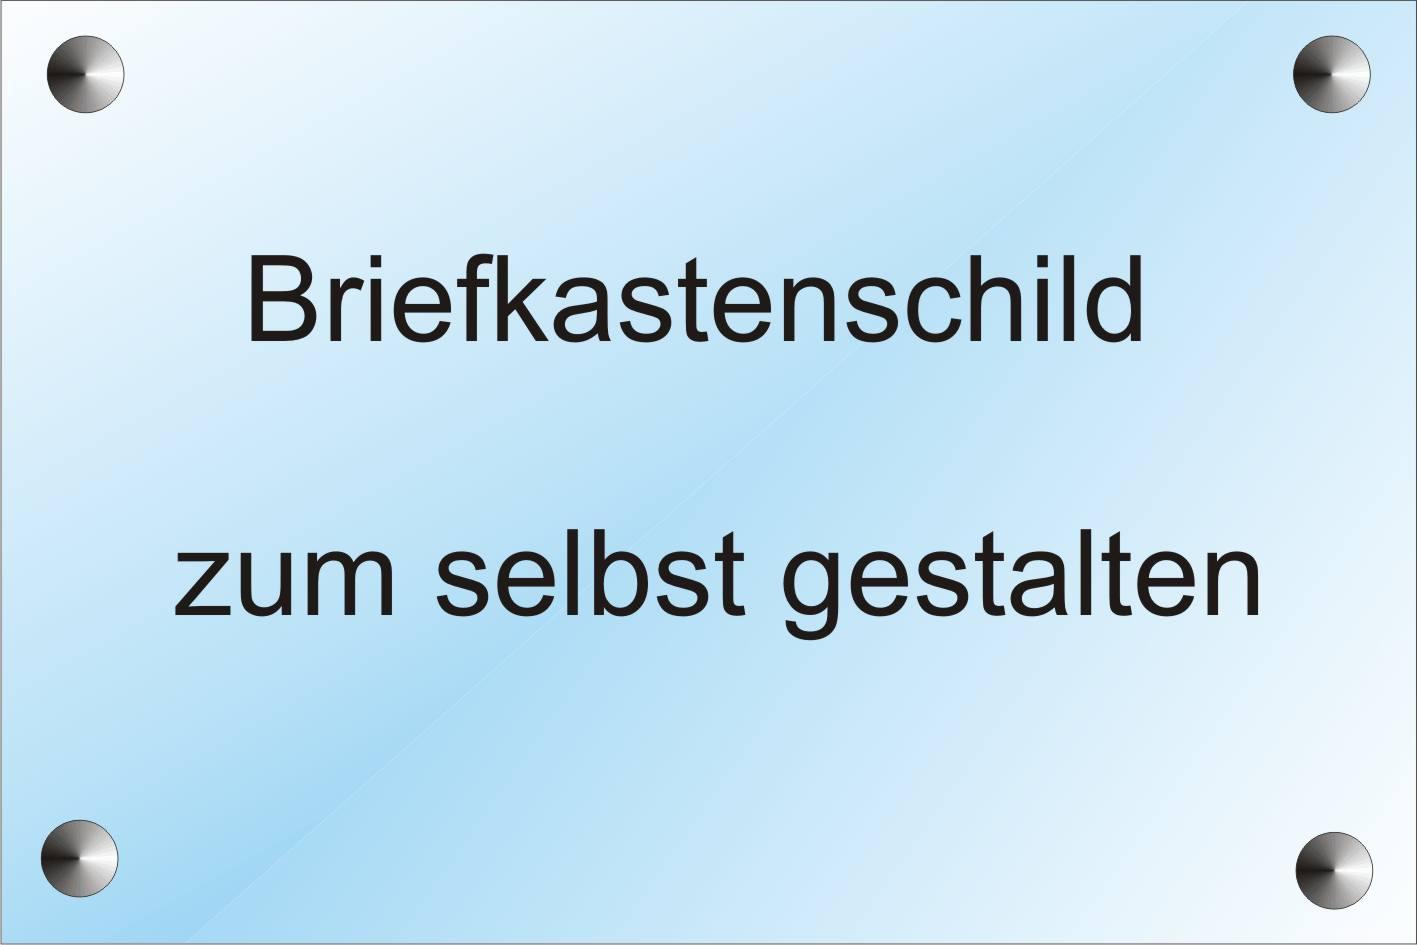 Universal Briefkastenschild Brild Druckvorlage Brild De 13